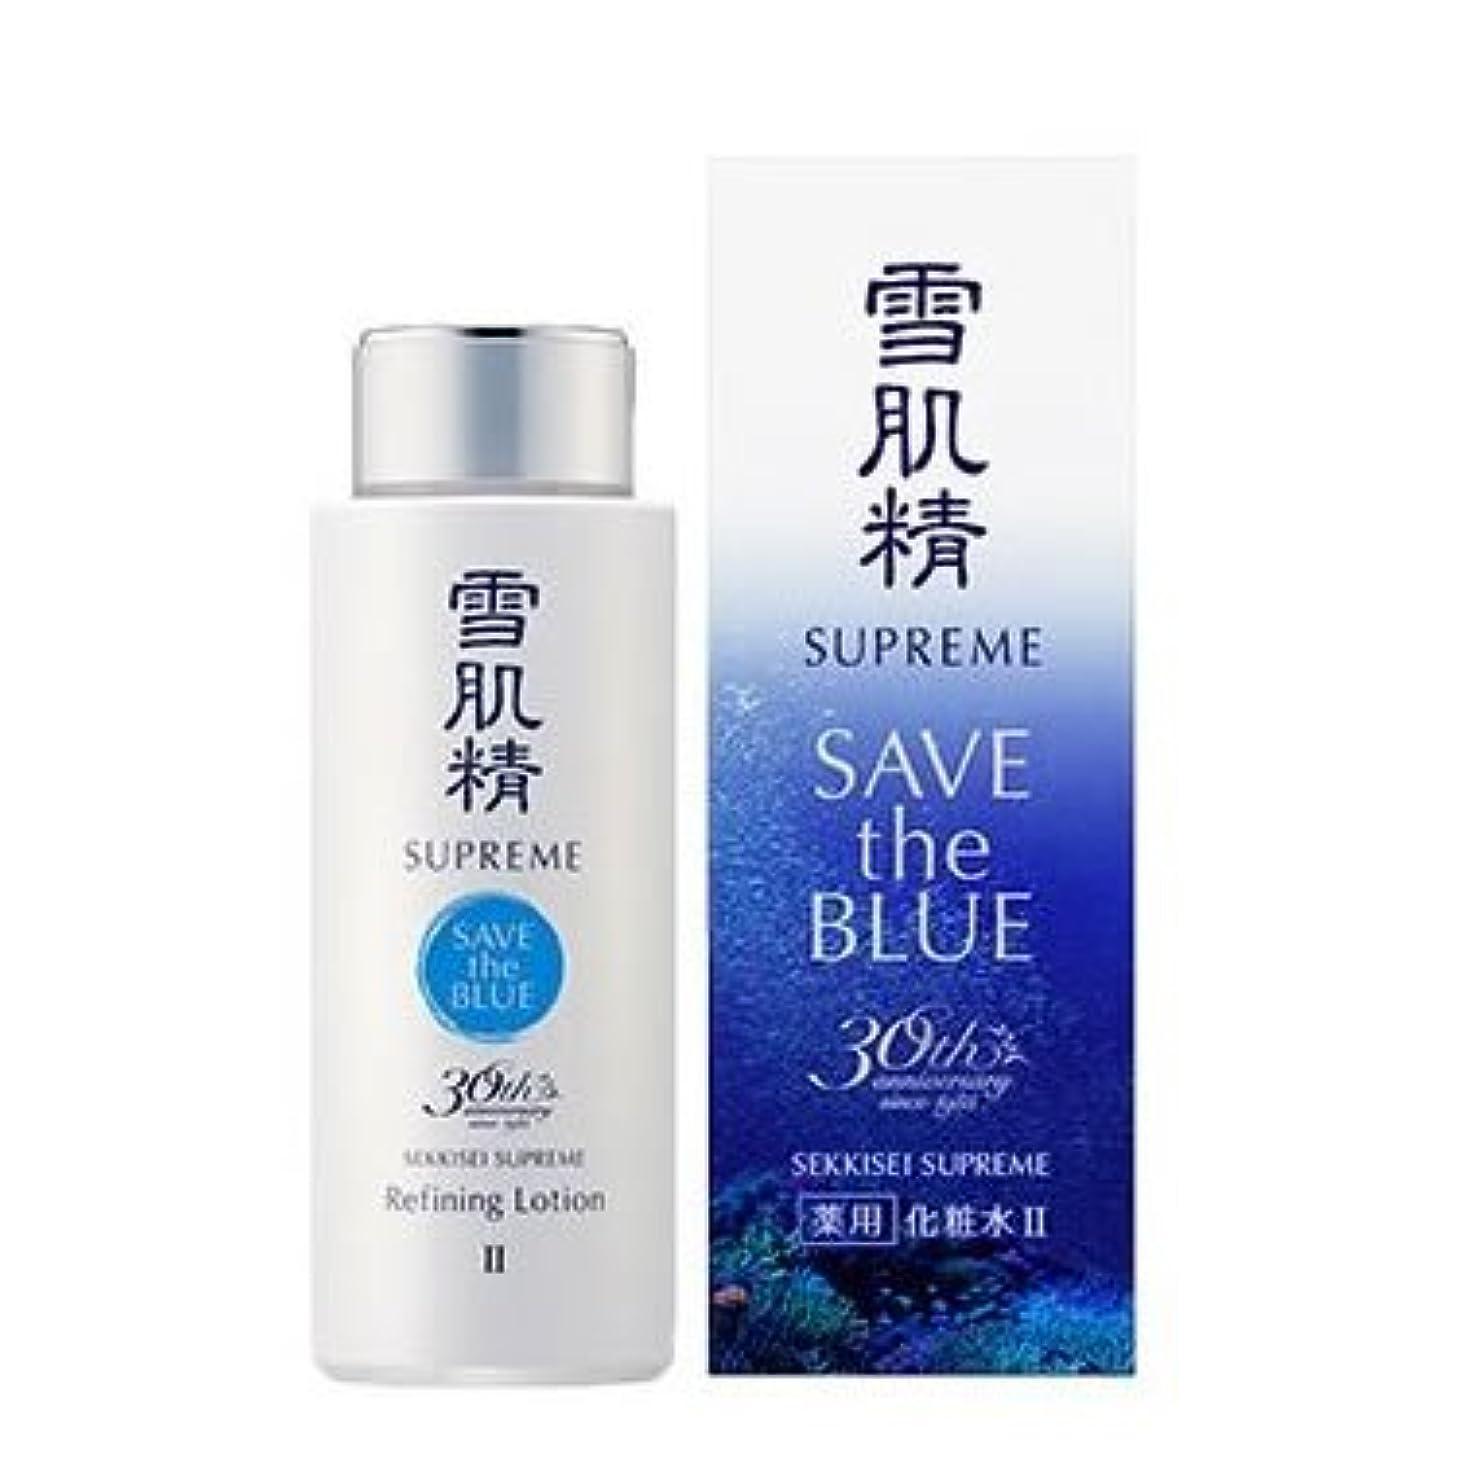 コーンウォール抜粋代わりにコーセー 雪肌精シュープレム 化粧水 II 400ml 限定ボトル SAVE the BLUE 30th Anniversary [並行輸入品]